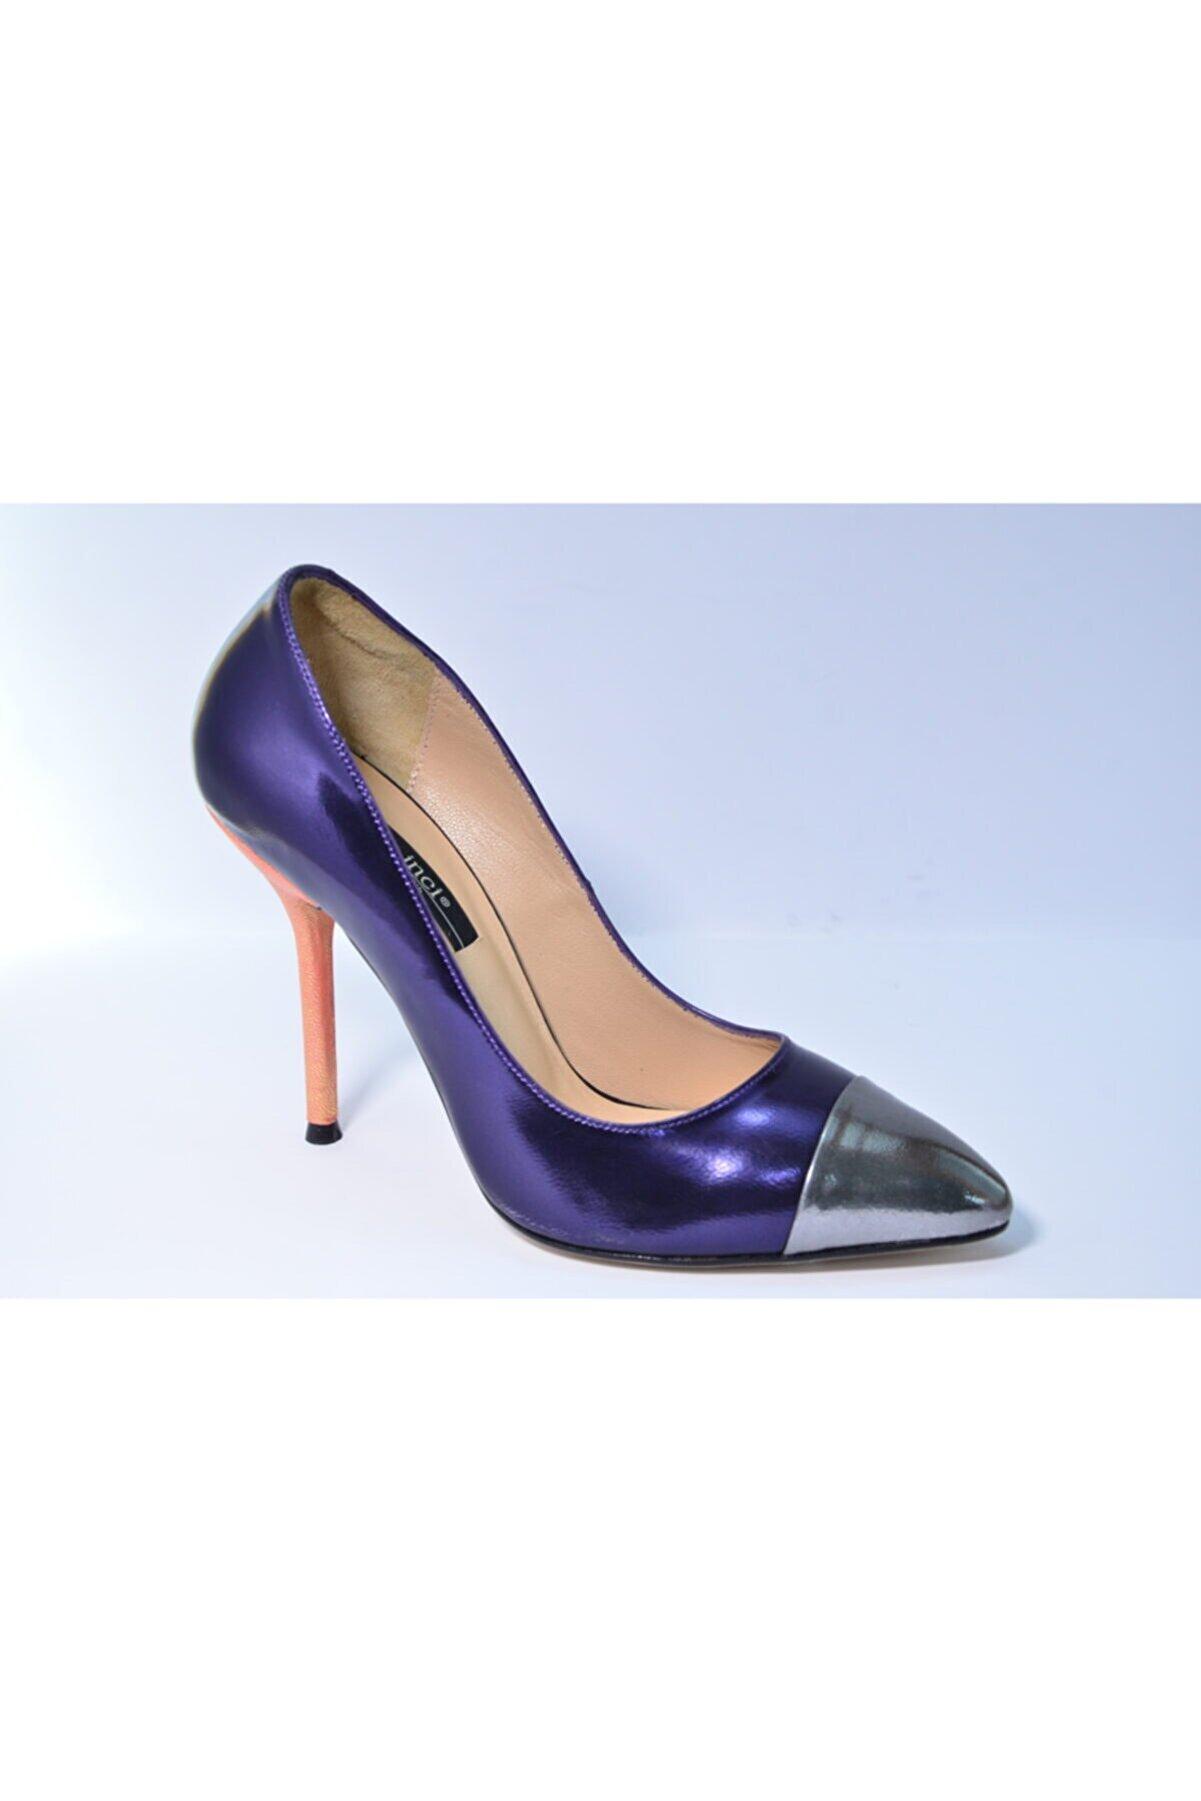 İnci Kadın Stiletto Ayakkabı 36 Numara